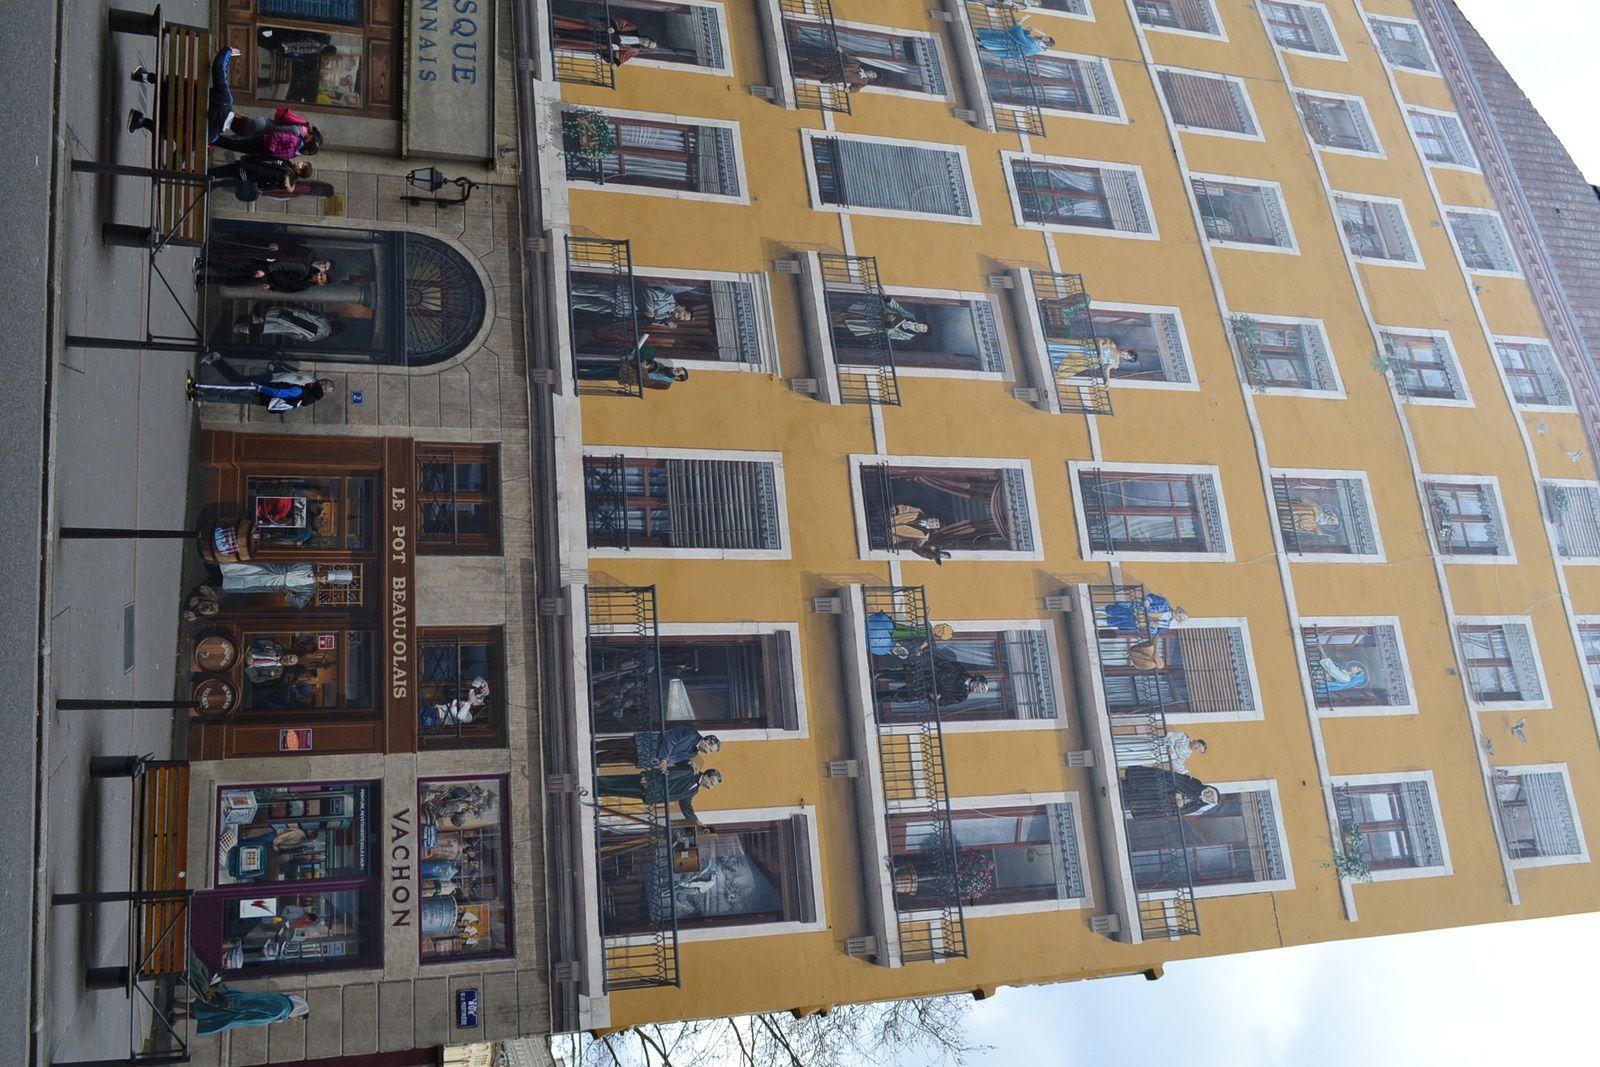 Tous les personnages célèbres de Lyon sont représentés ici !